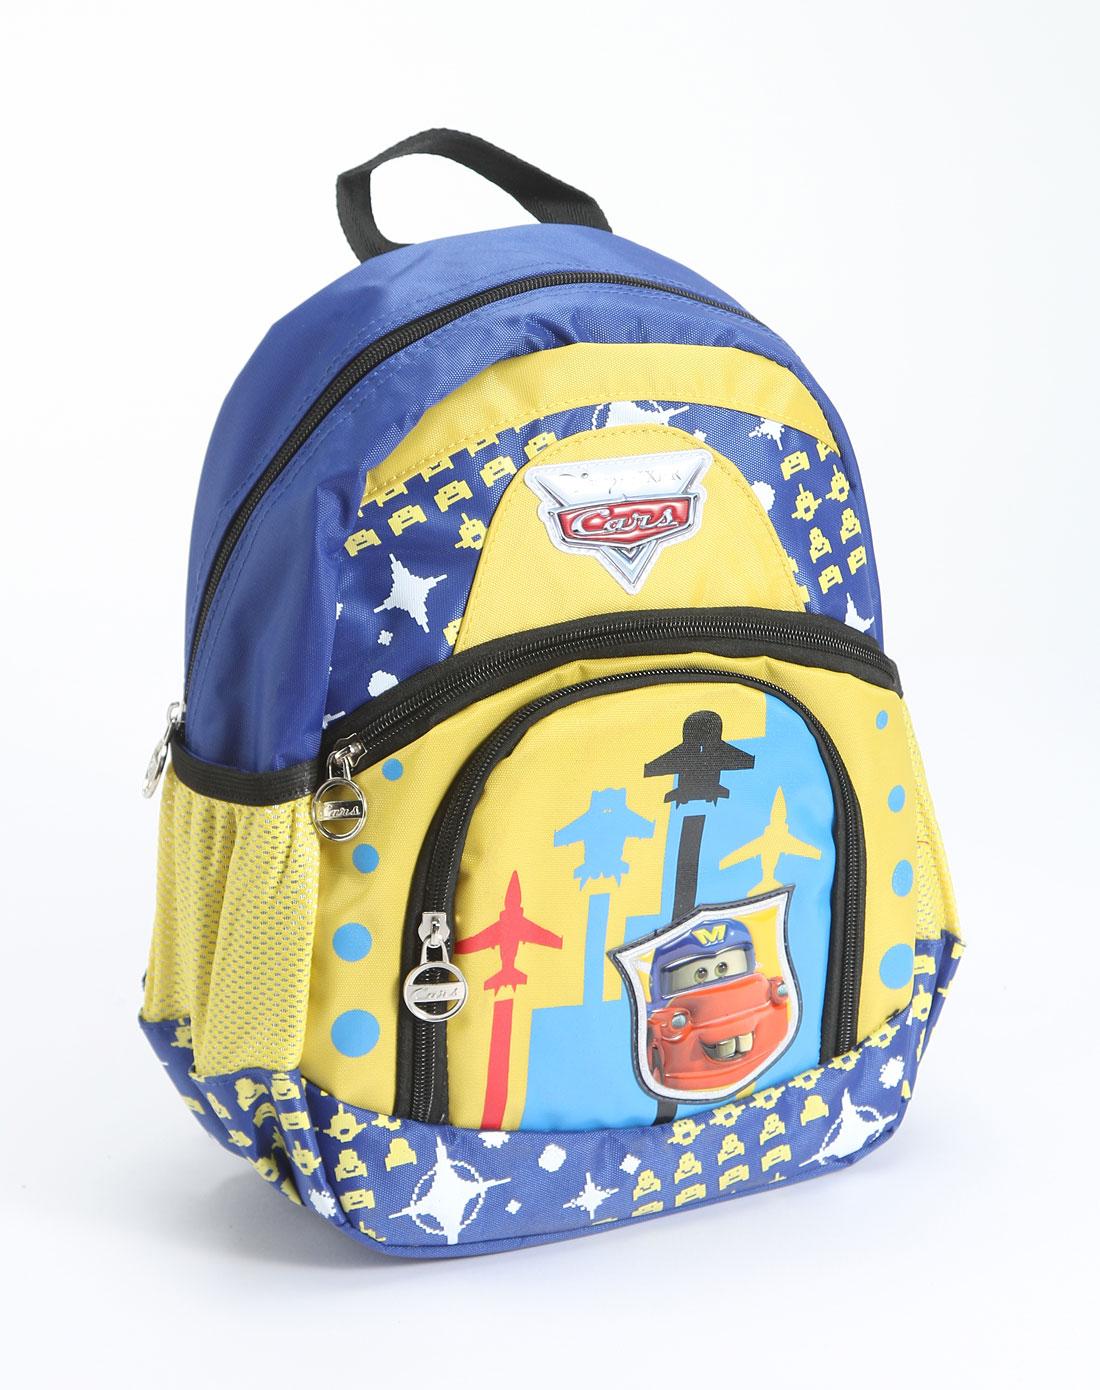 迪士尼disney儿童用品专场中性黄/蓝色汽车卡通双肩